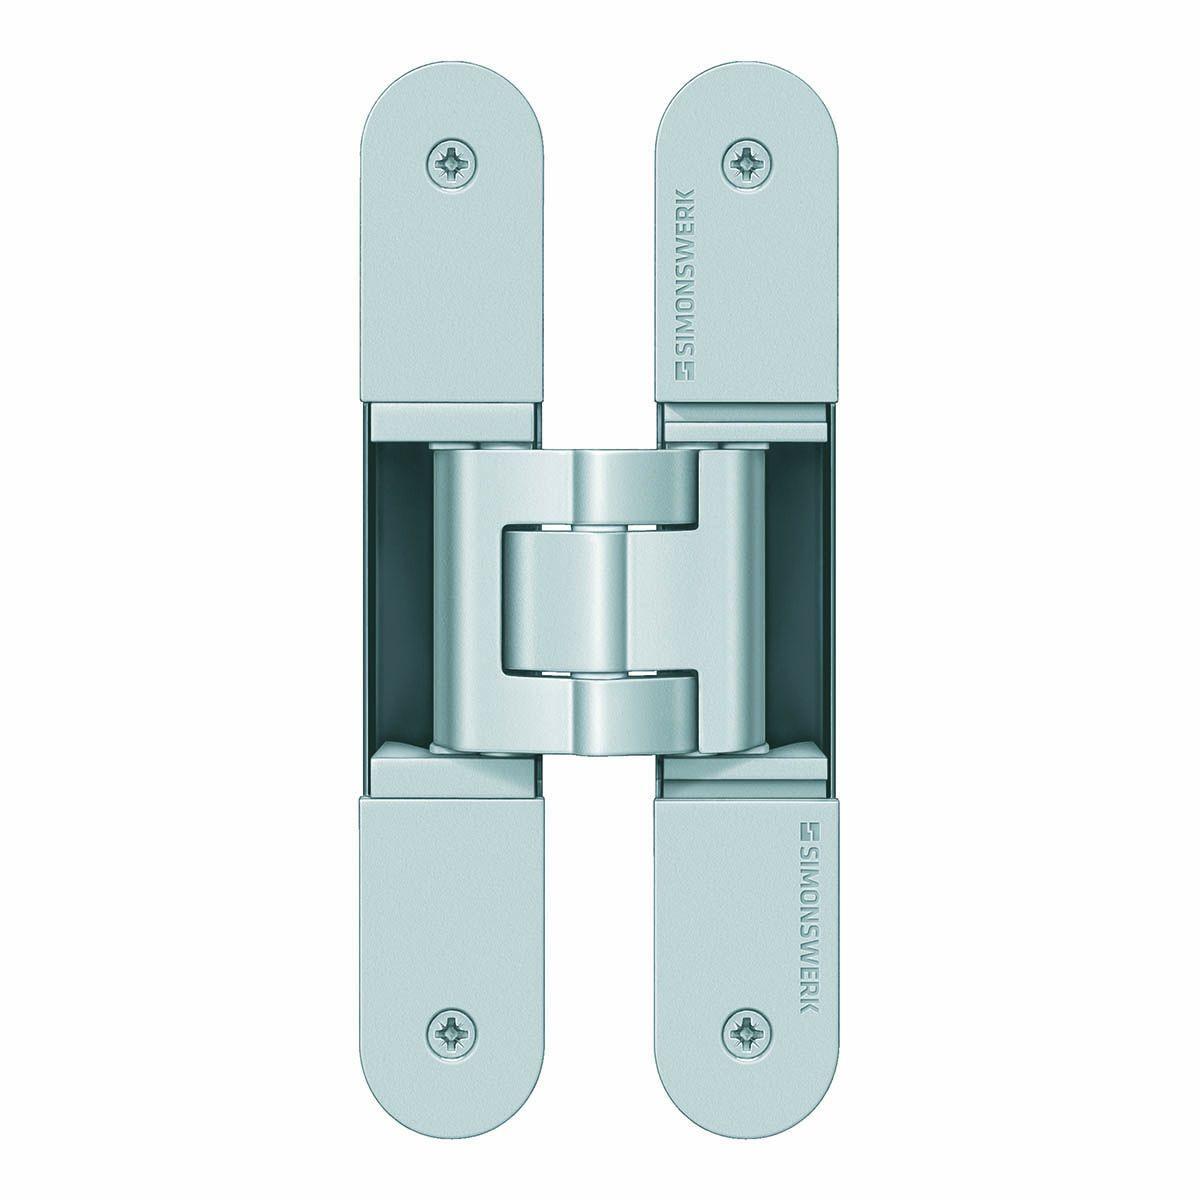 Tectus Te 340 3d For 1 3 4 Thick Doors Hidden Door Hinges Invisible Hinges Hinges